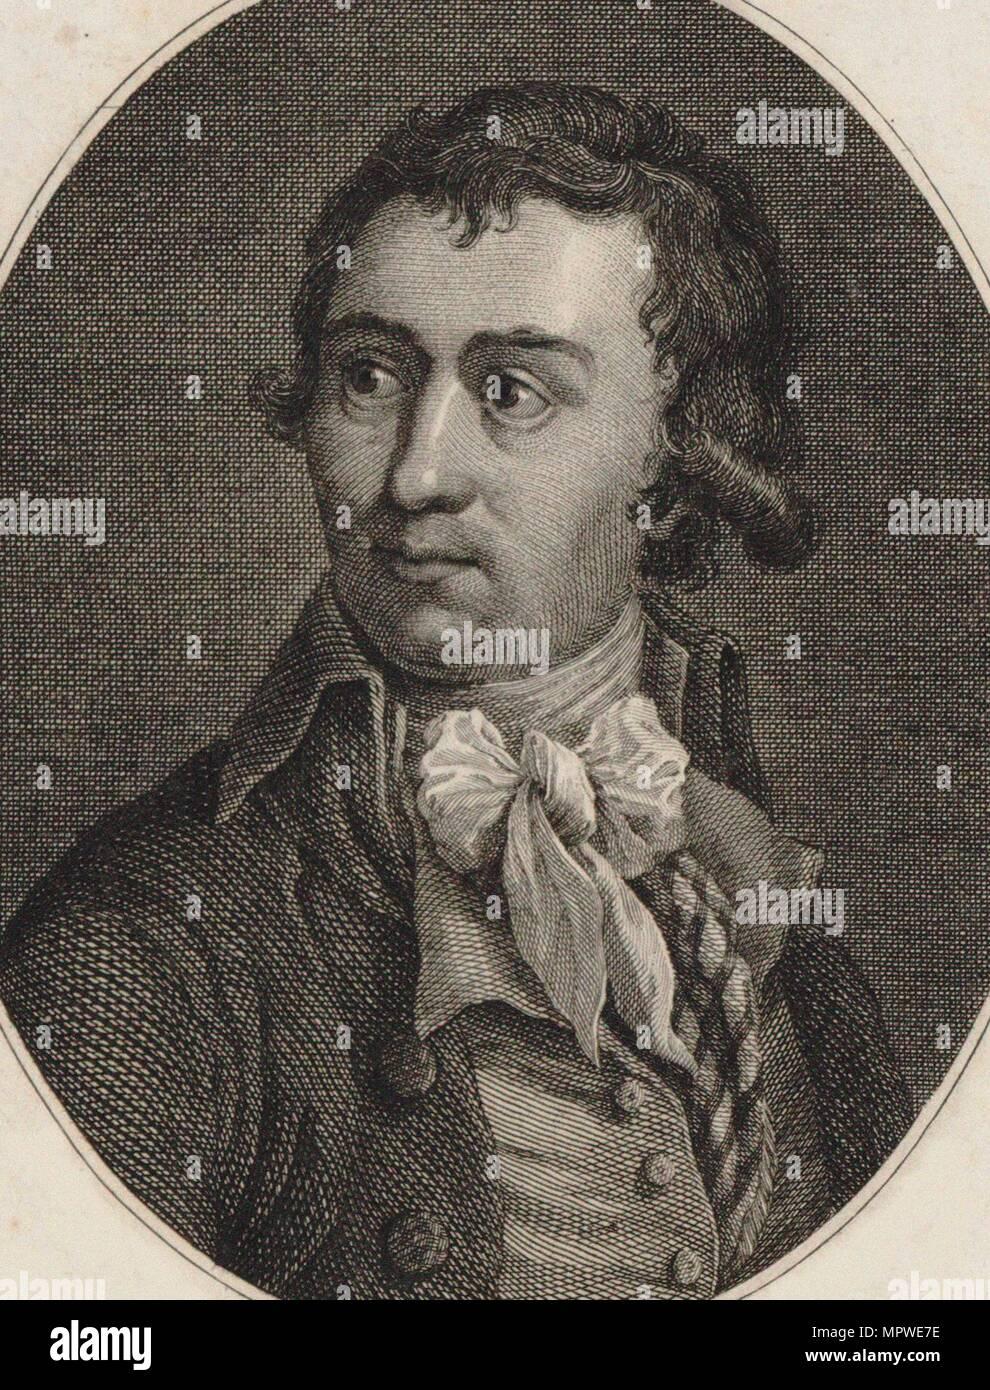 Charles Éléonor Dufriche de Valazé (1751-1793), 1790. Foto de stock